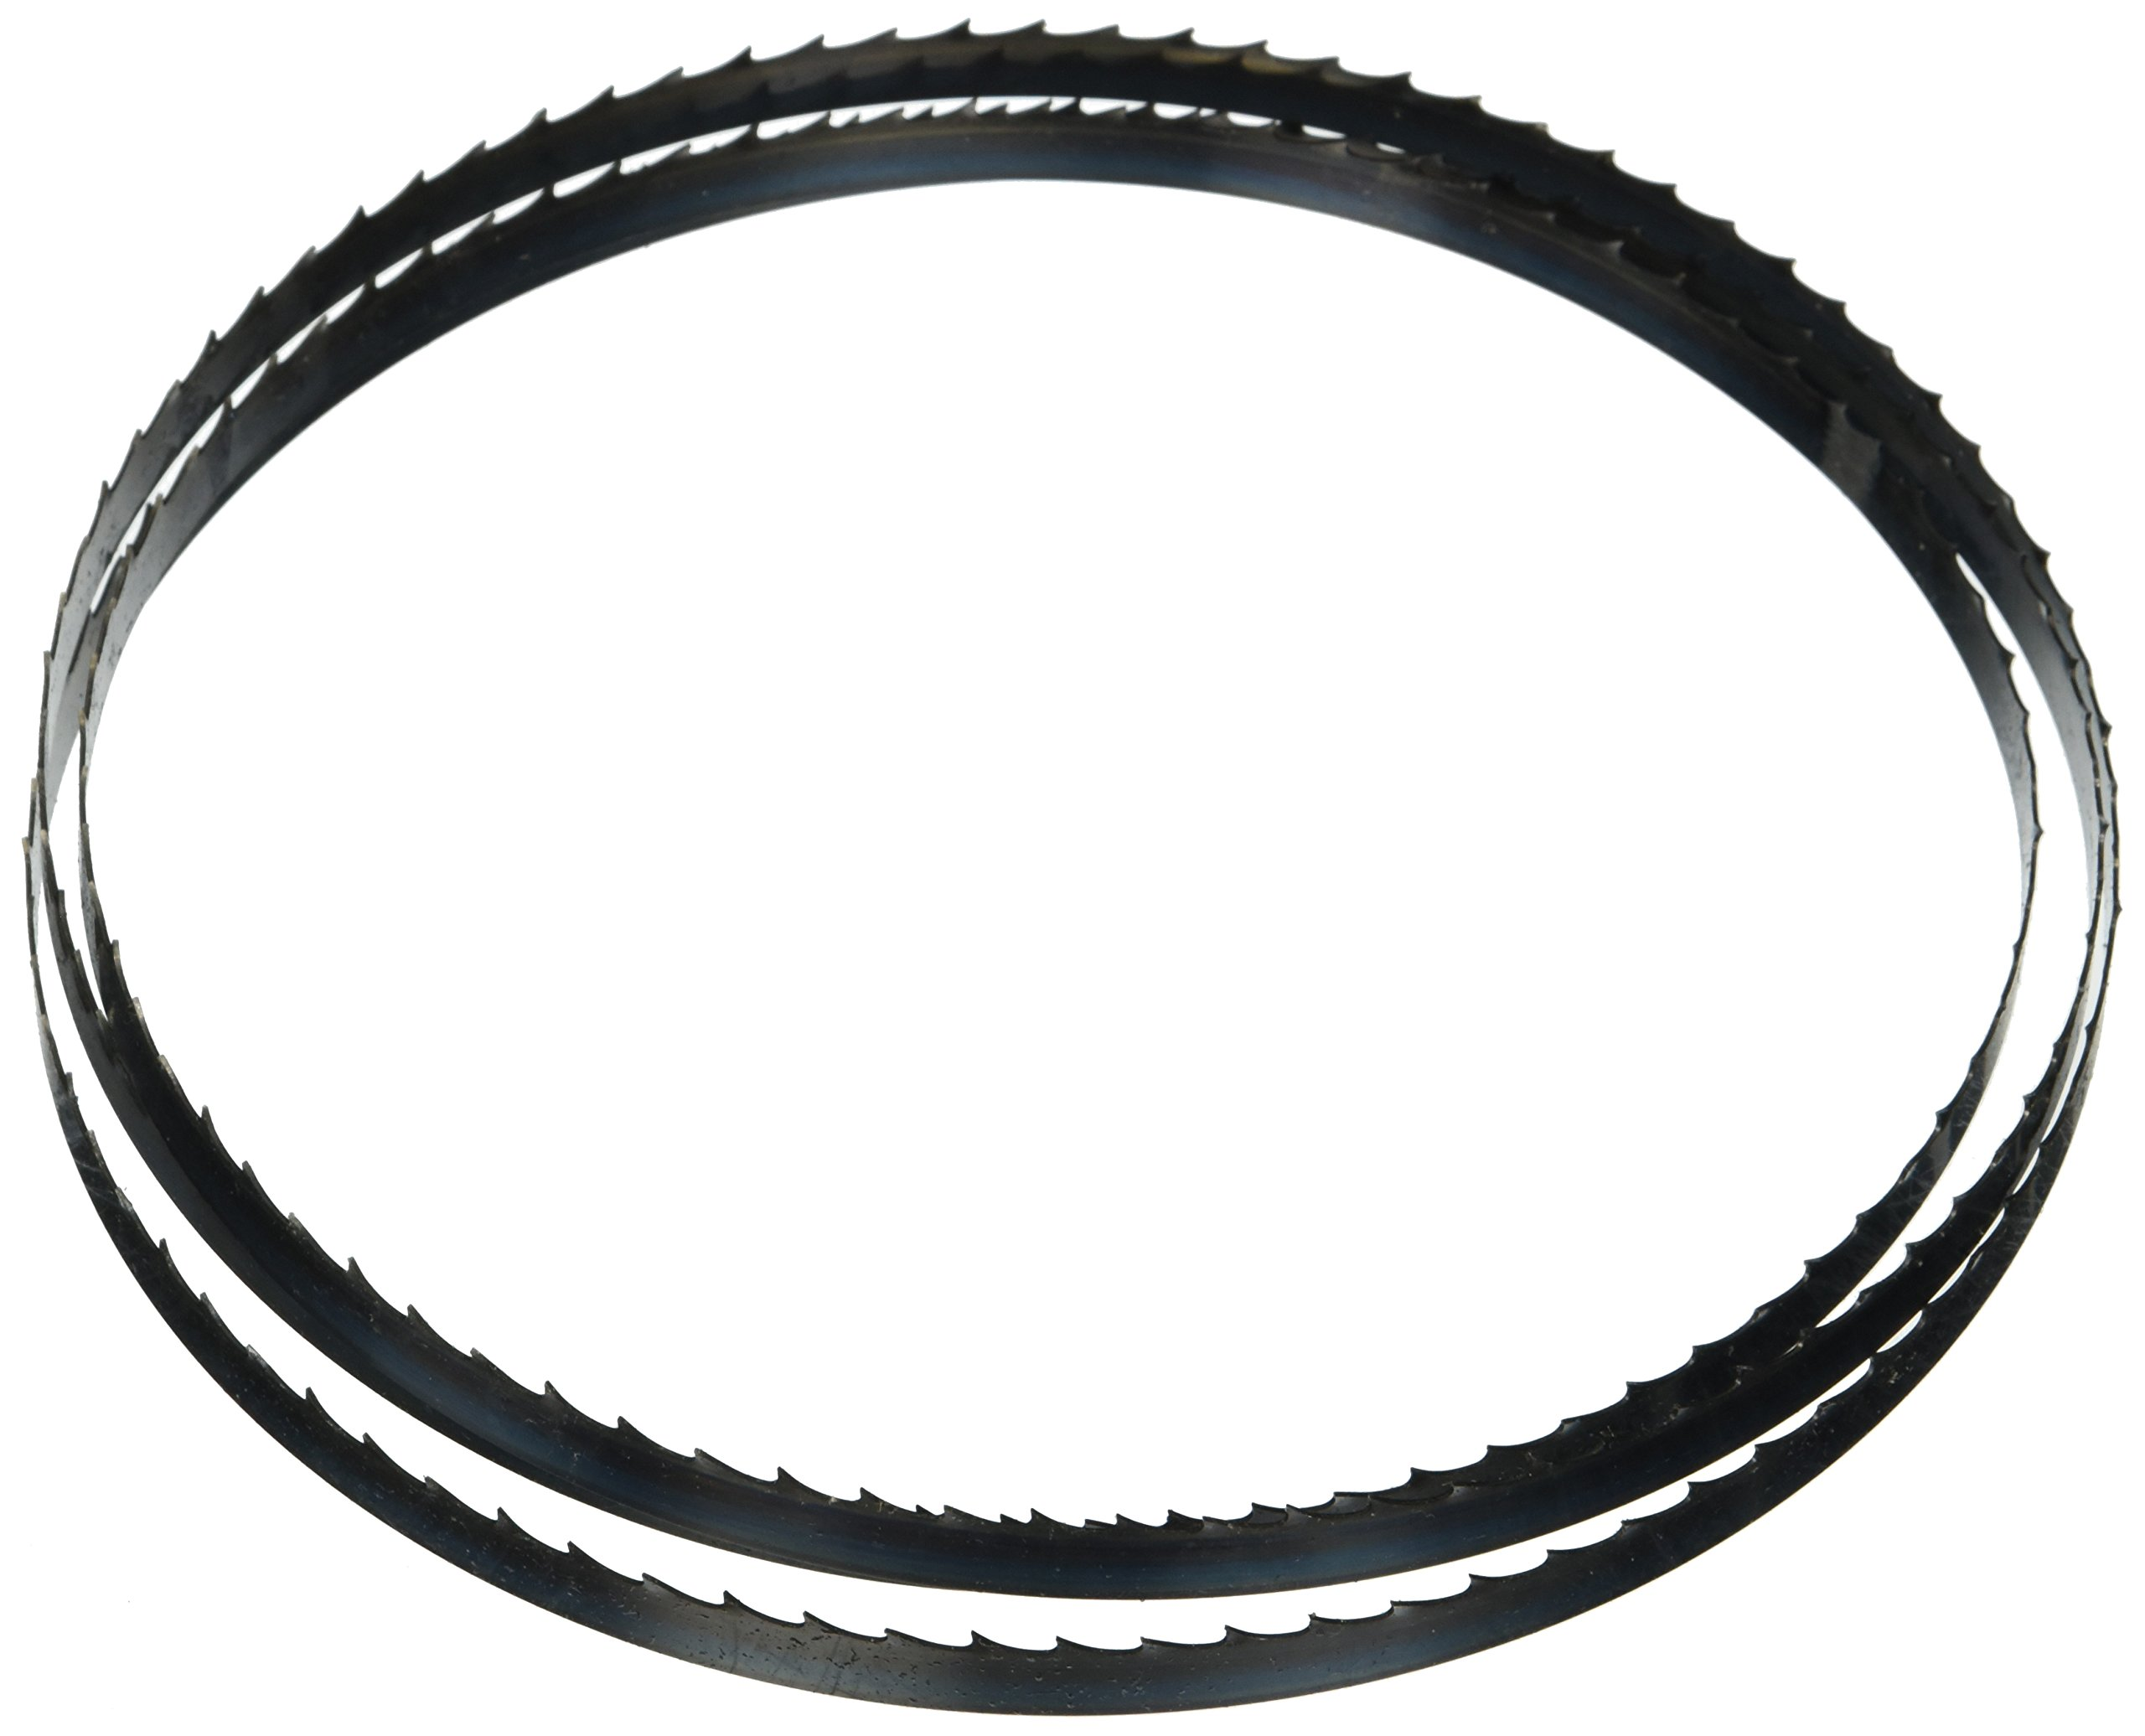 Olson Saw FB23180DB 1/2 by 0.025 by 80-Inch HEFB Band 3 TPI Hook Saw Blade